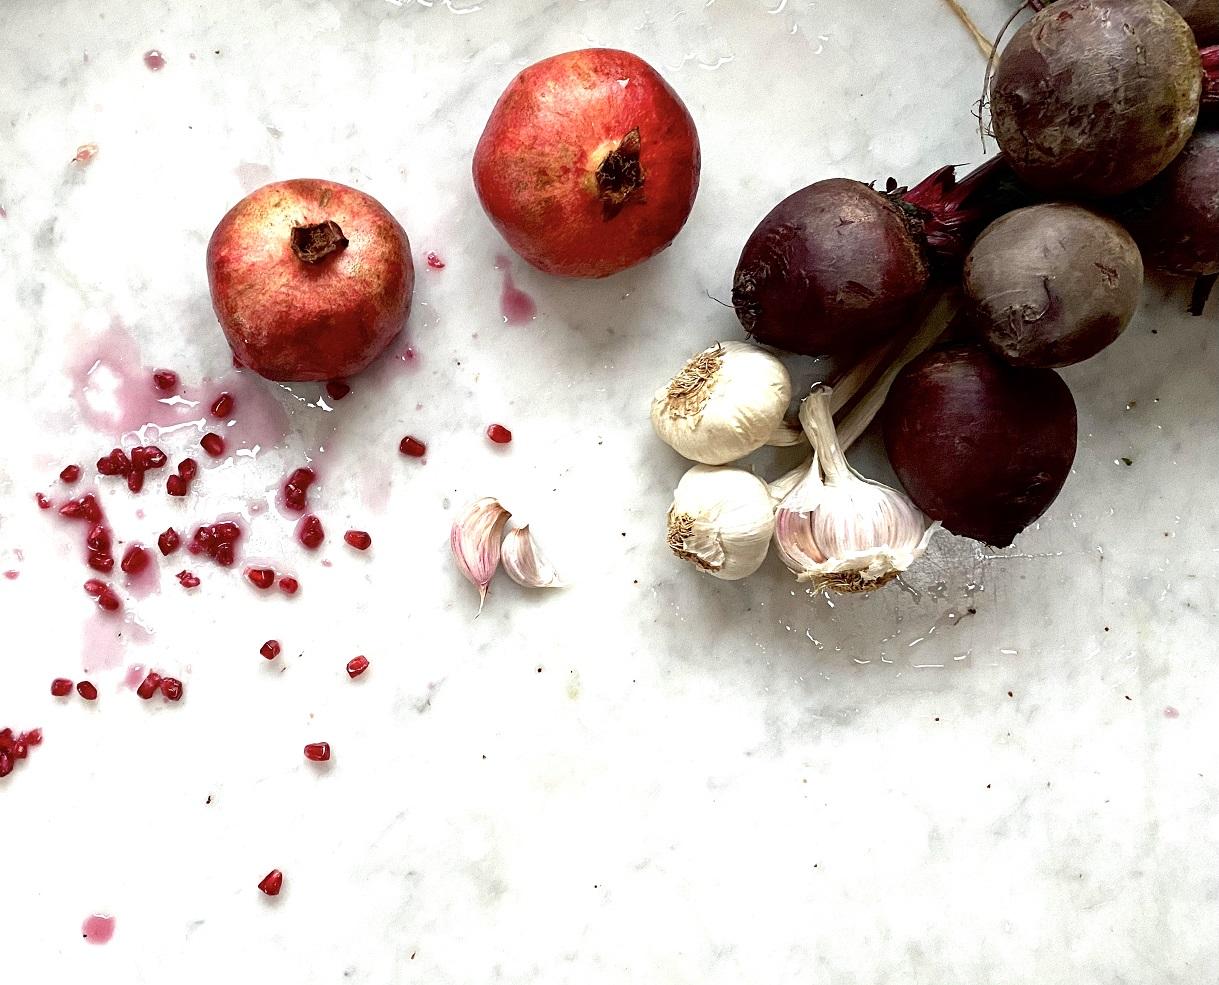 2-beetroot-ingredients-2